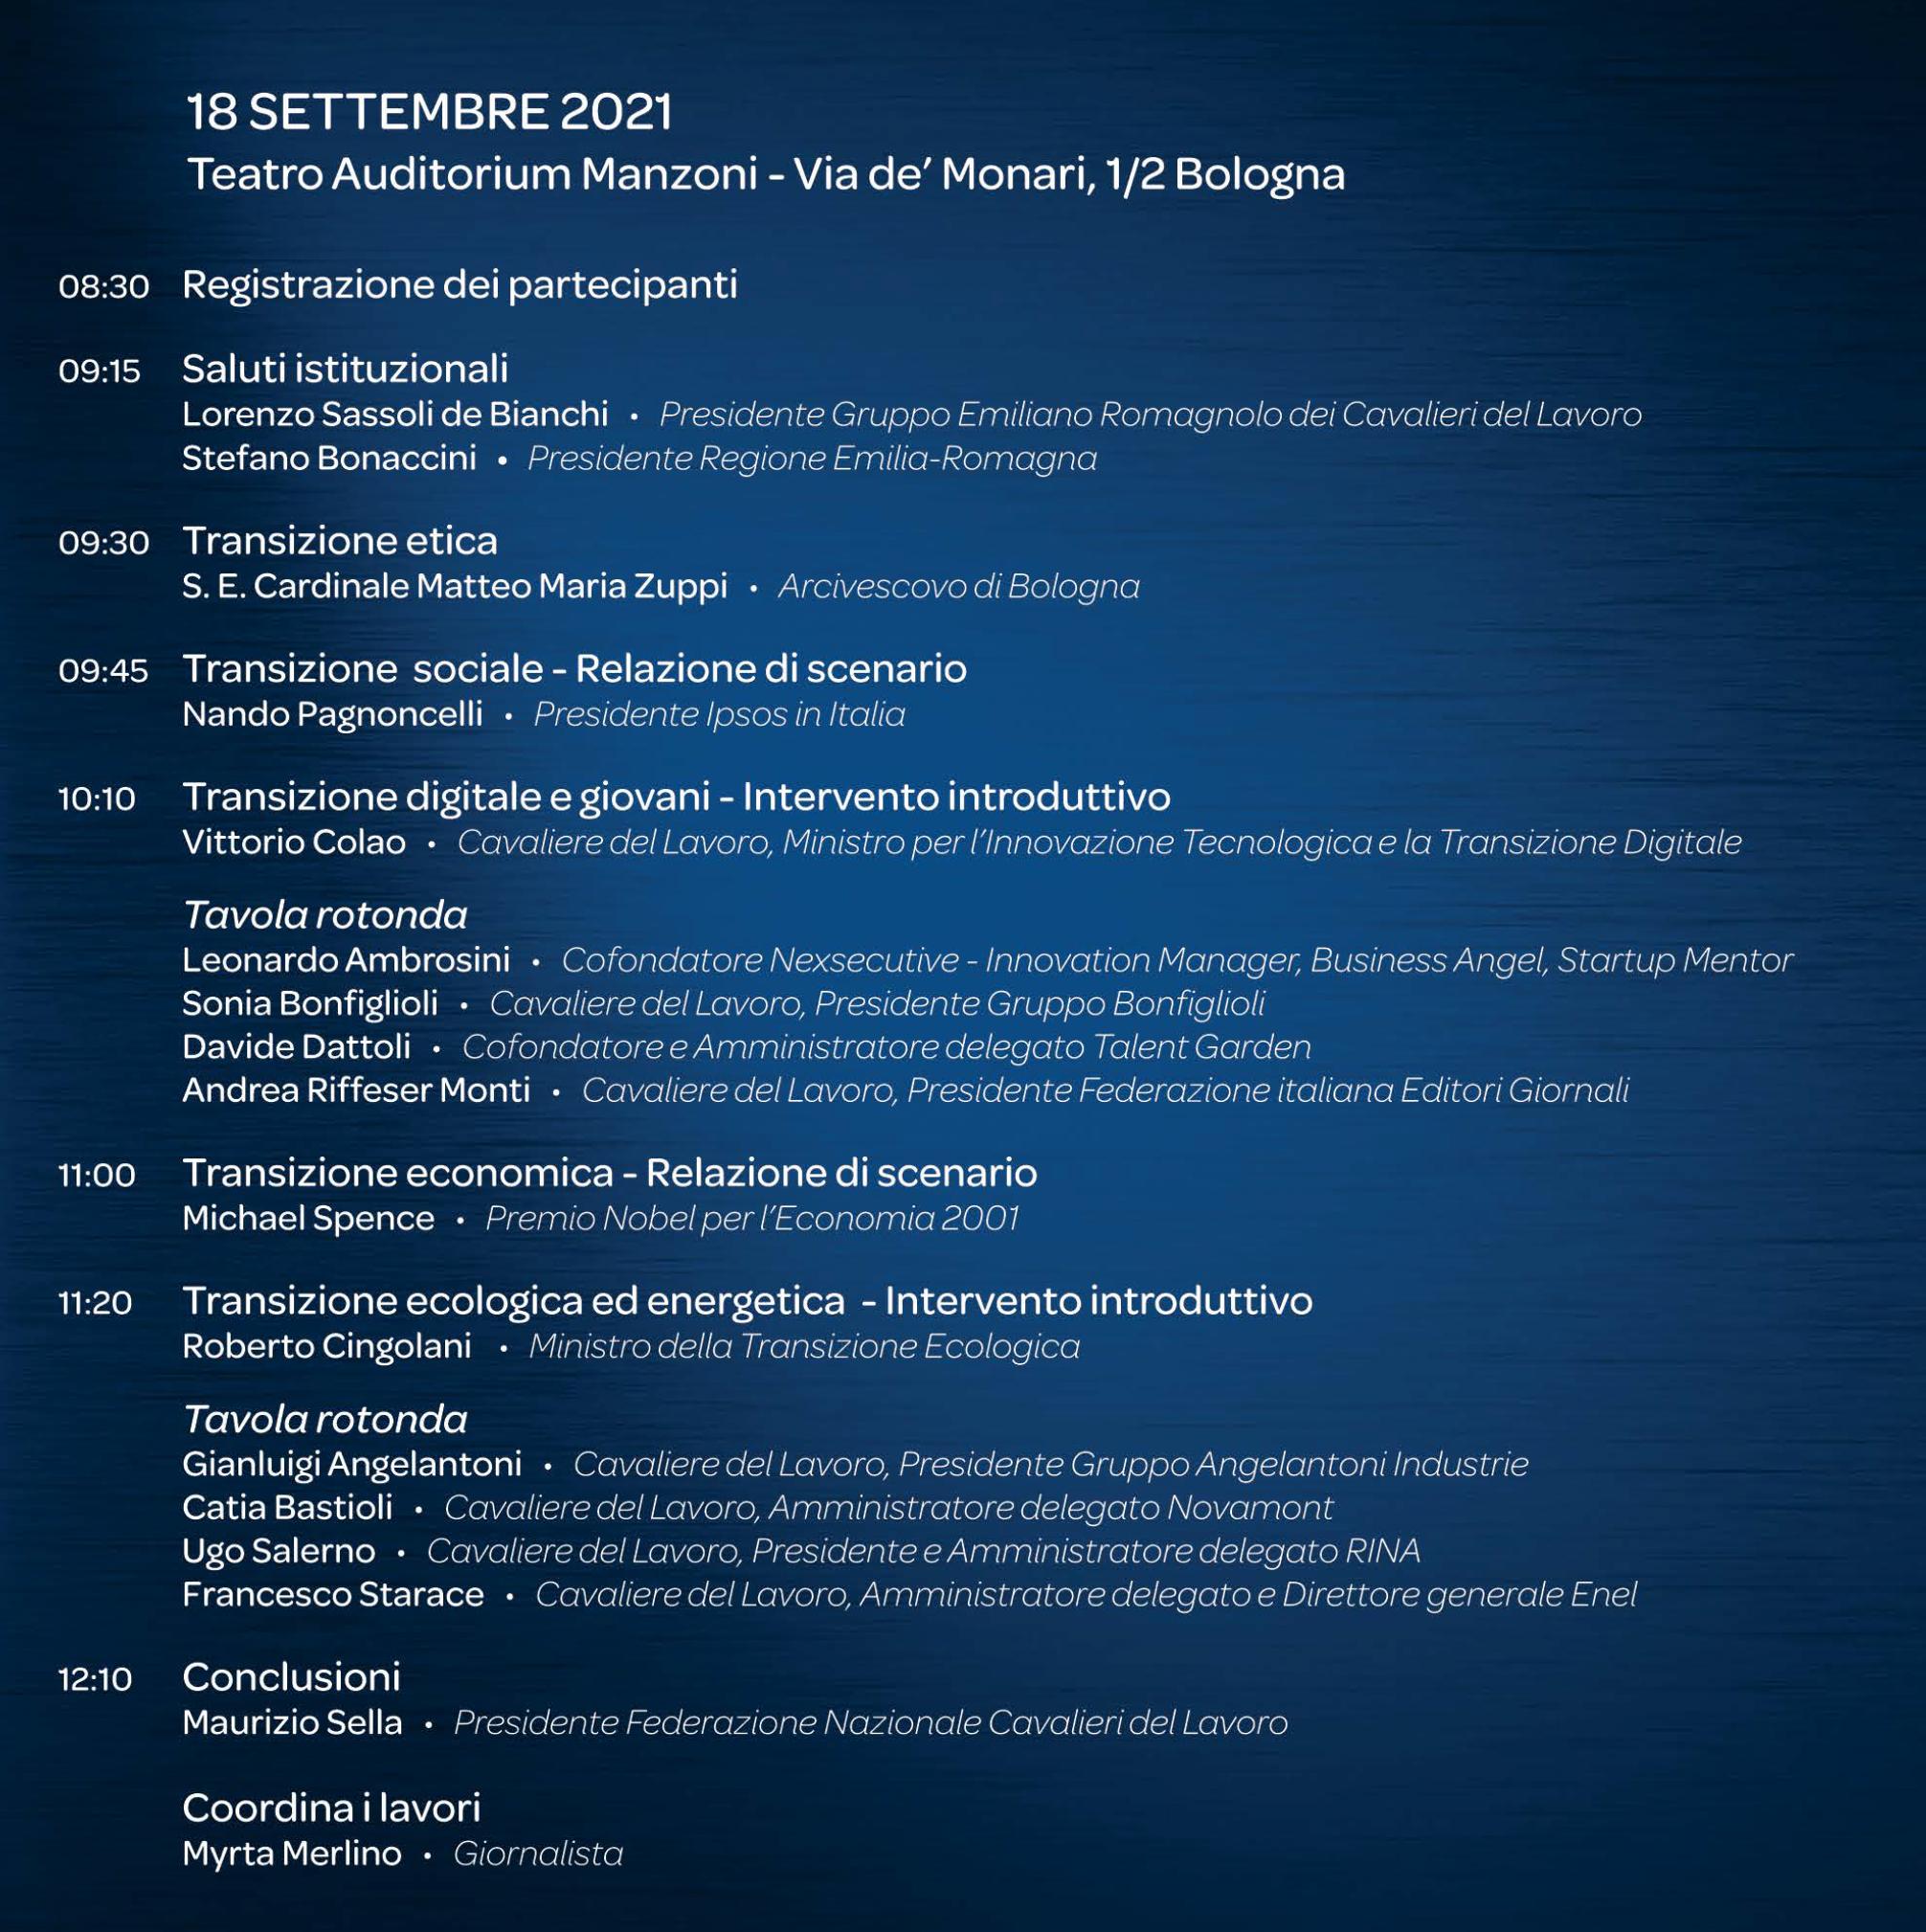 La grande Transizione - Bologna 18 settembre 2021